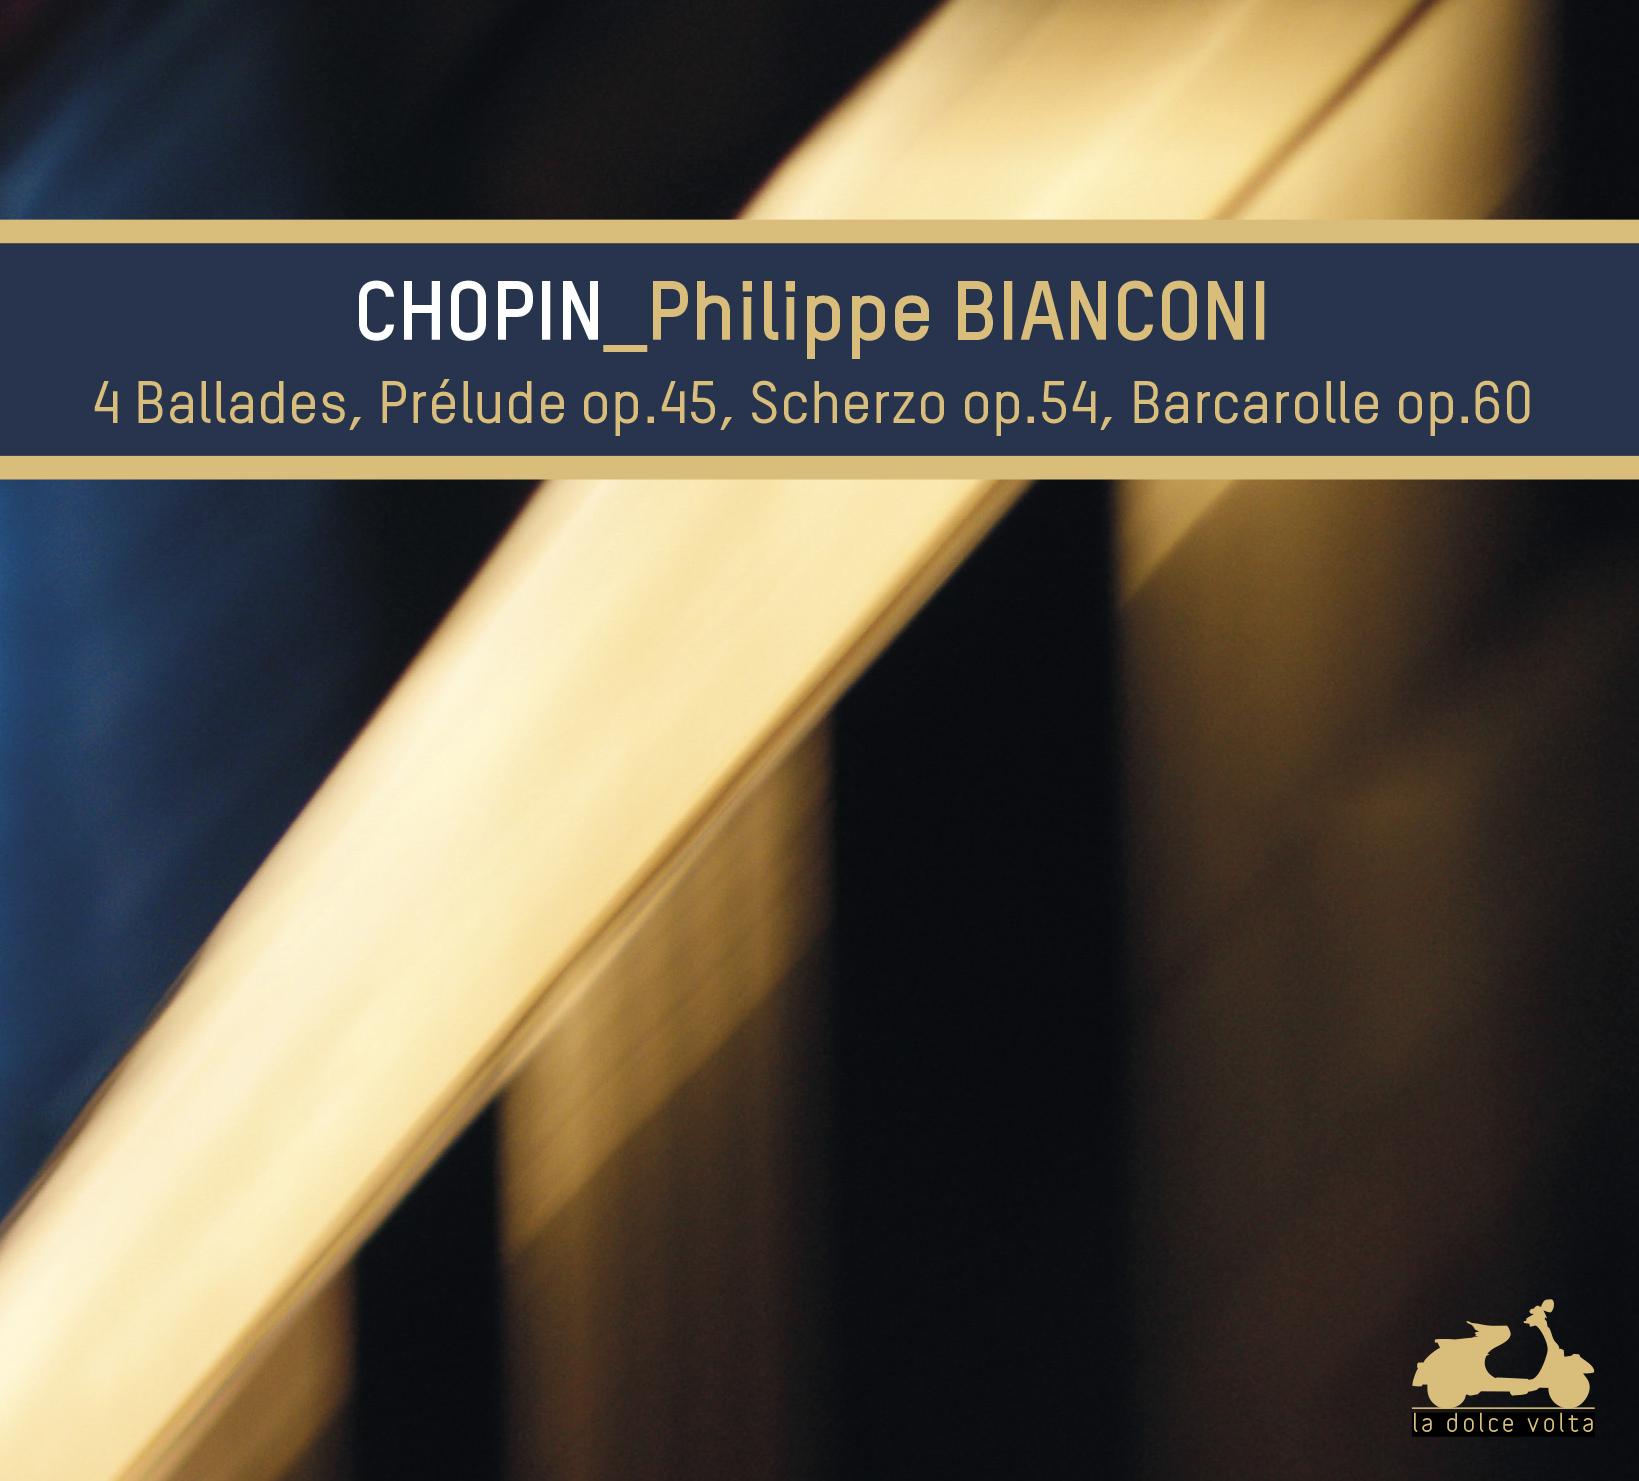 Philippe Bianconi, Chopin, La Dolce Volta